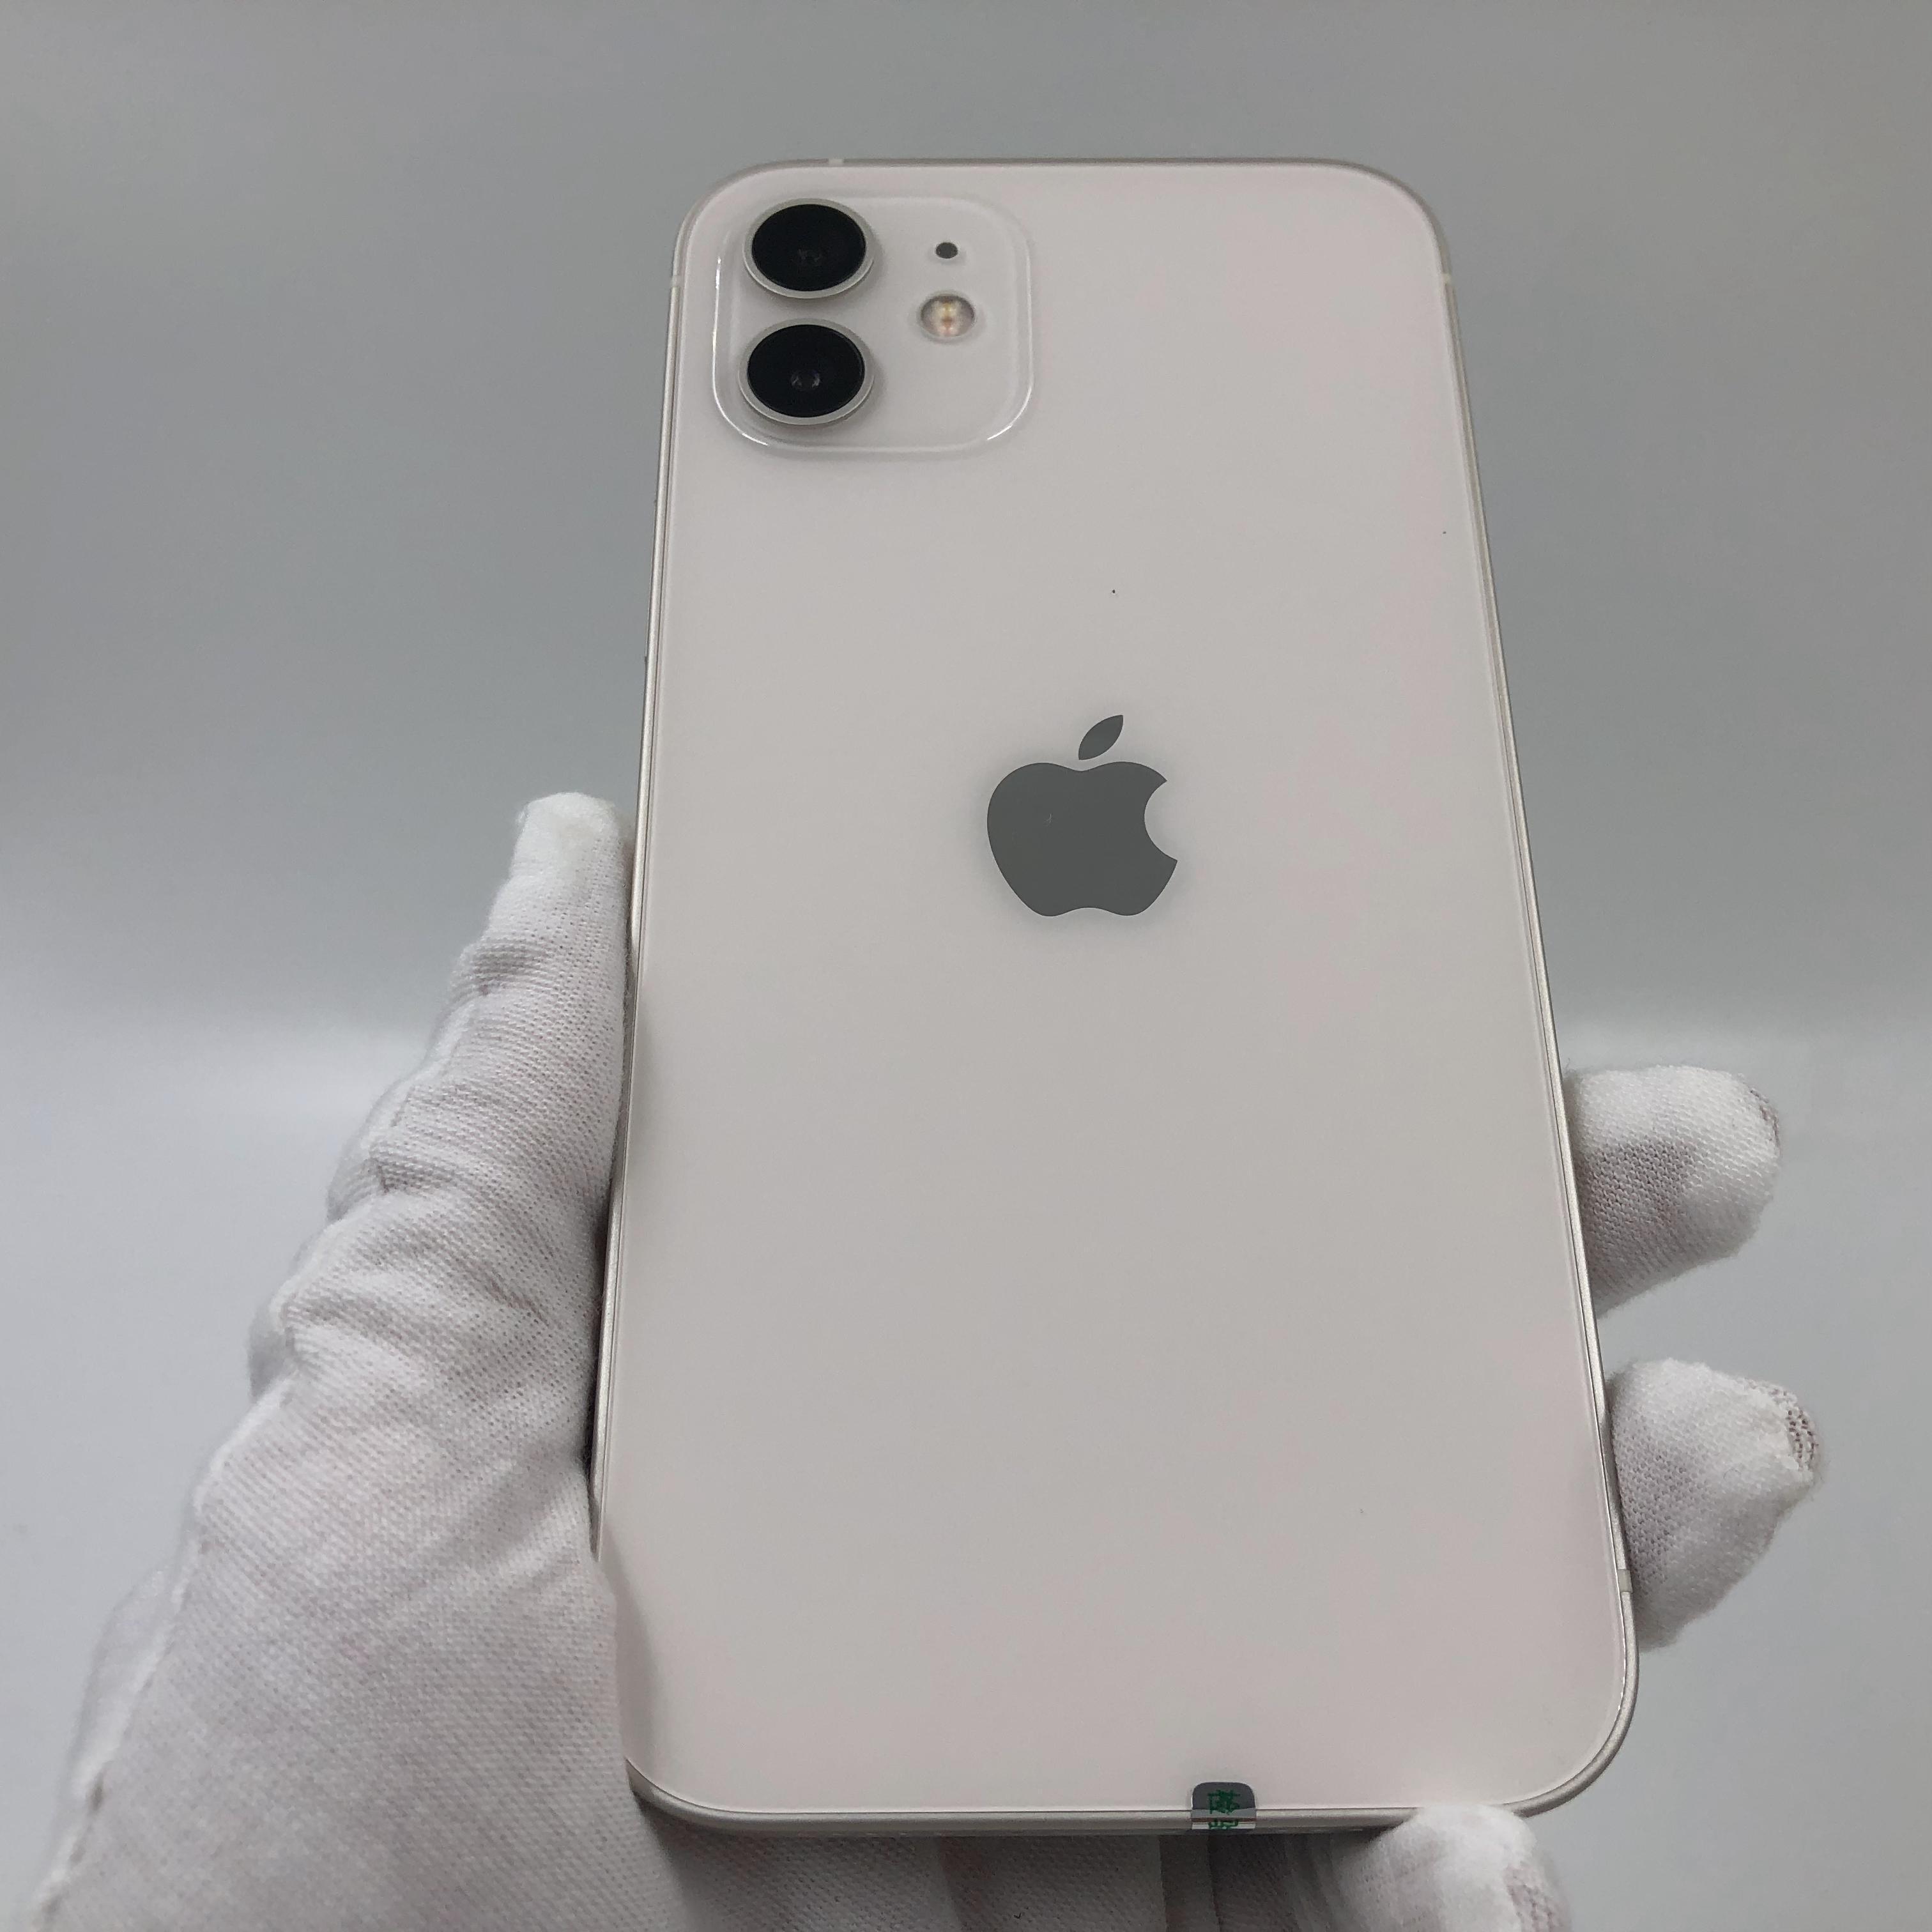 苹果【iPhone 12】5G全网通 白色 128G 国行 99新 真机实拍官保2021-10-31